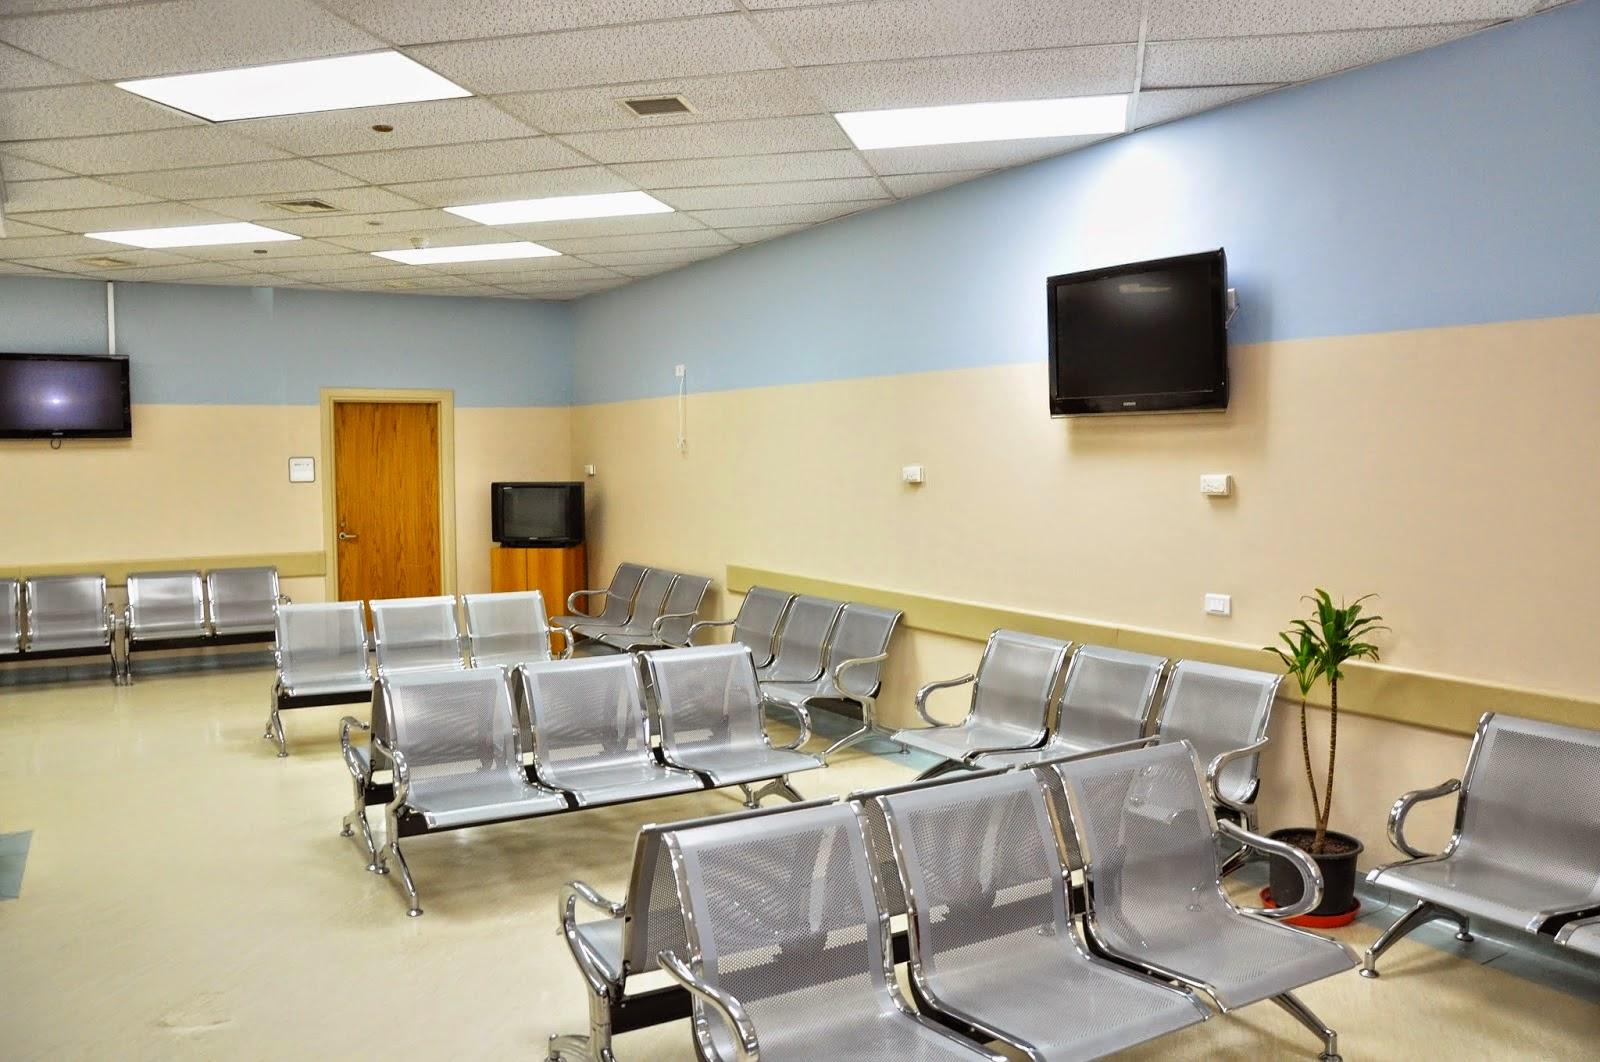 Chọn mua ghế băng chờ giá rẻ ở đâu ? Địa chỉ bán ghế băng chờ uy tín tại TPHCM